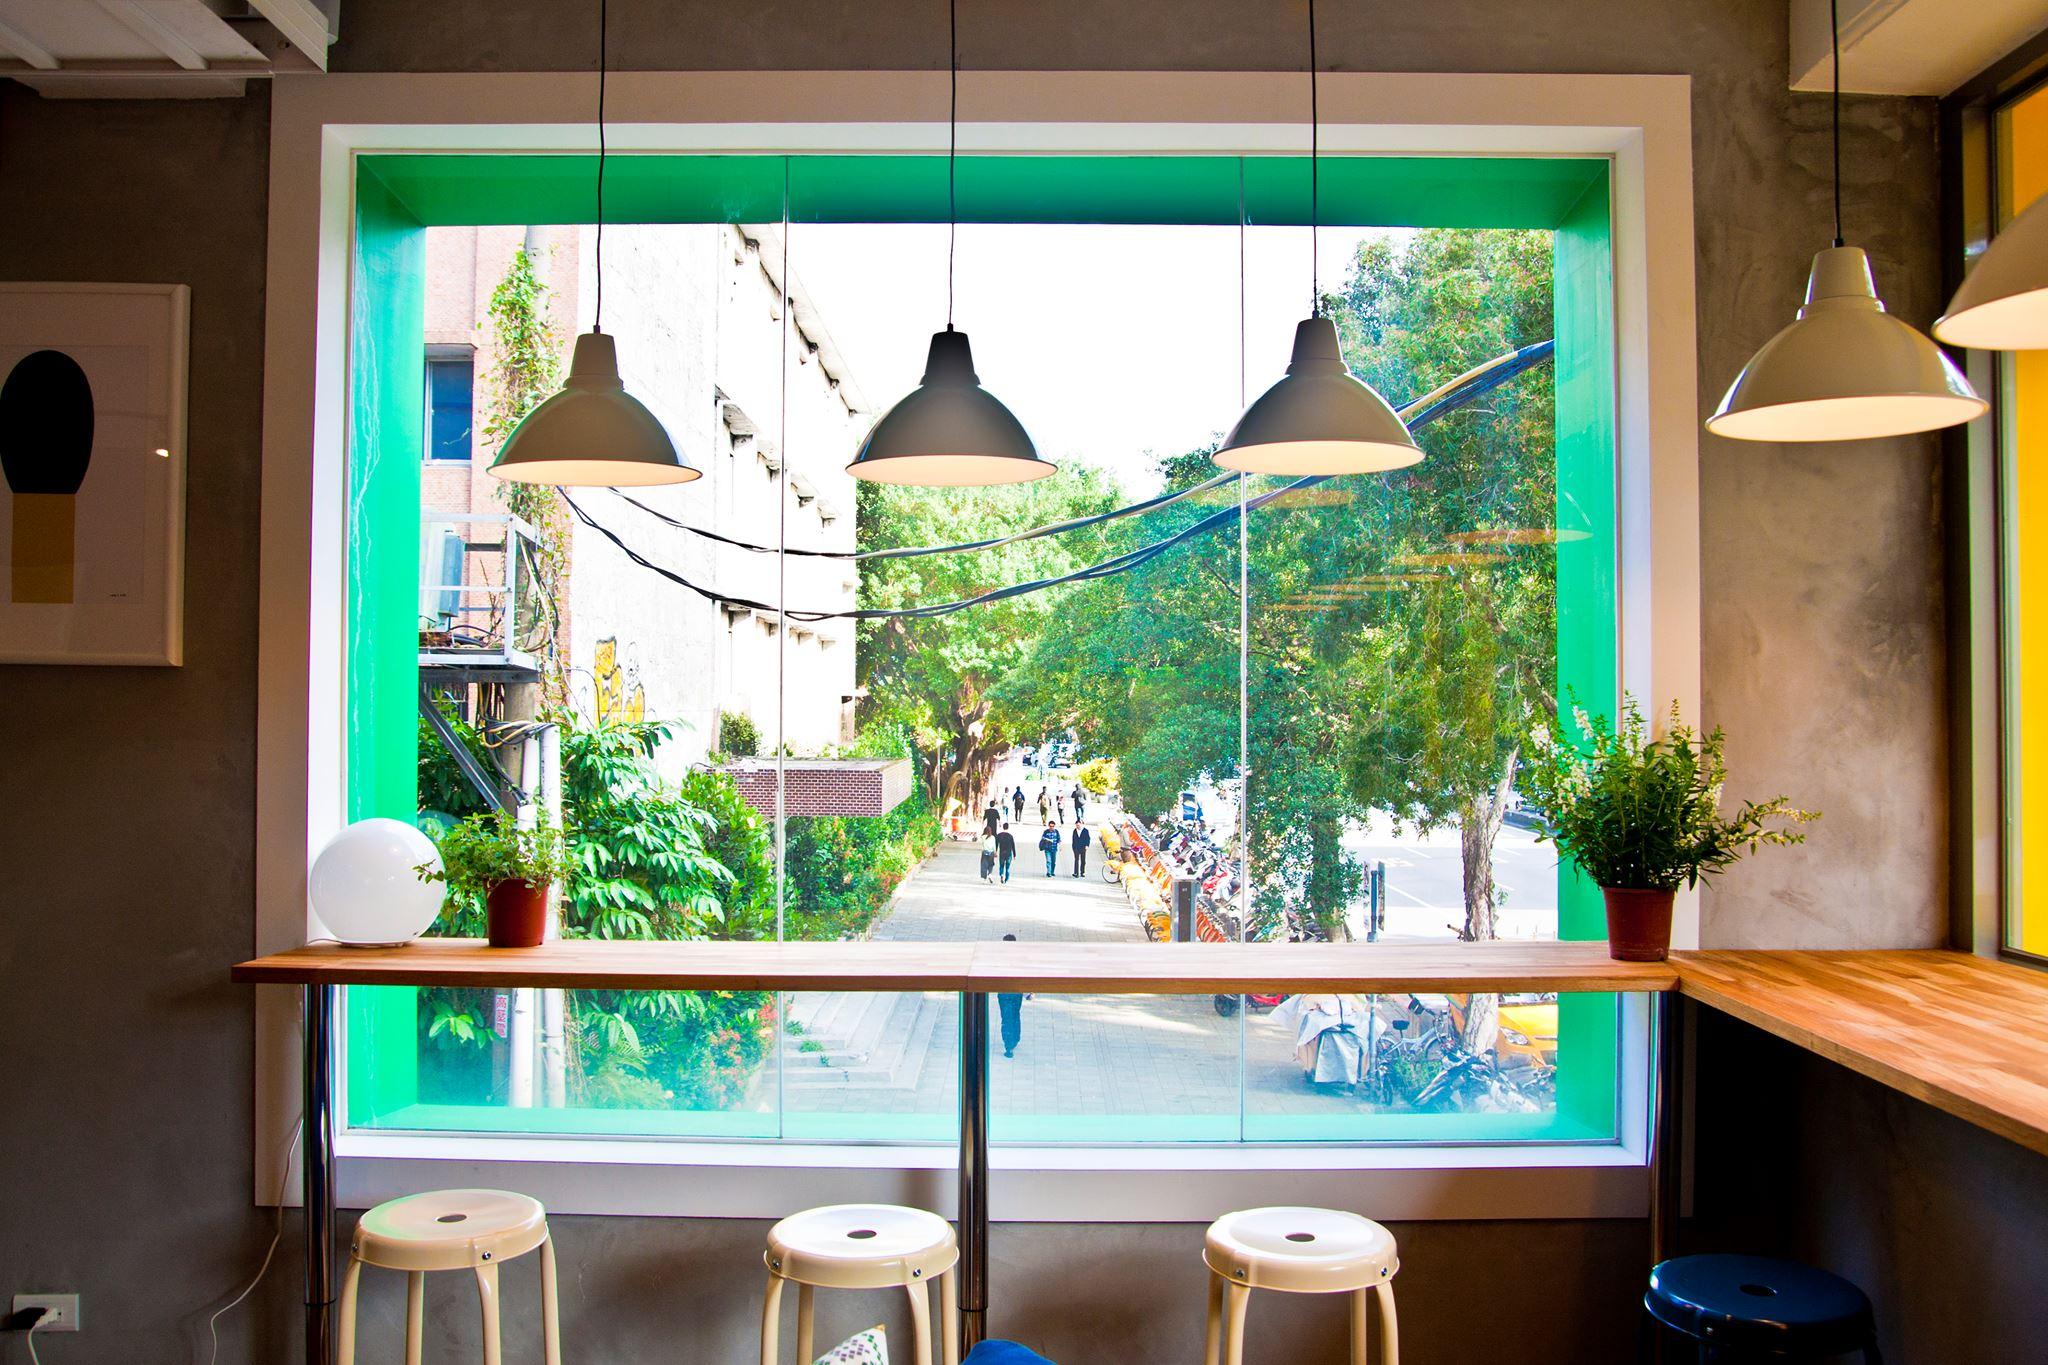 彩色綠色窗框直接看到外面視野良好